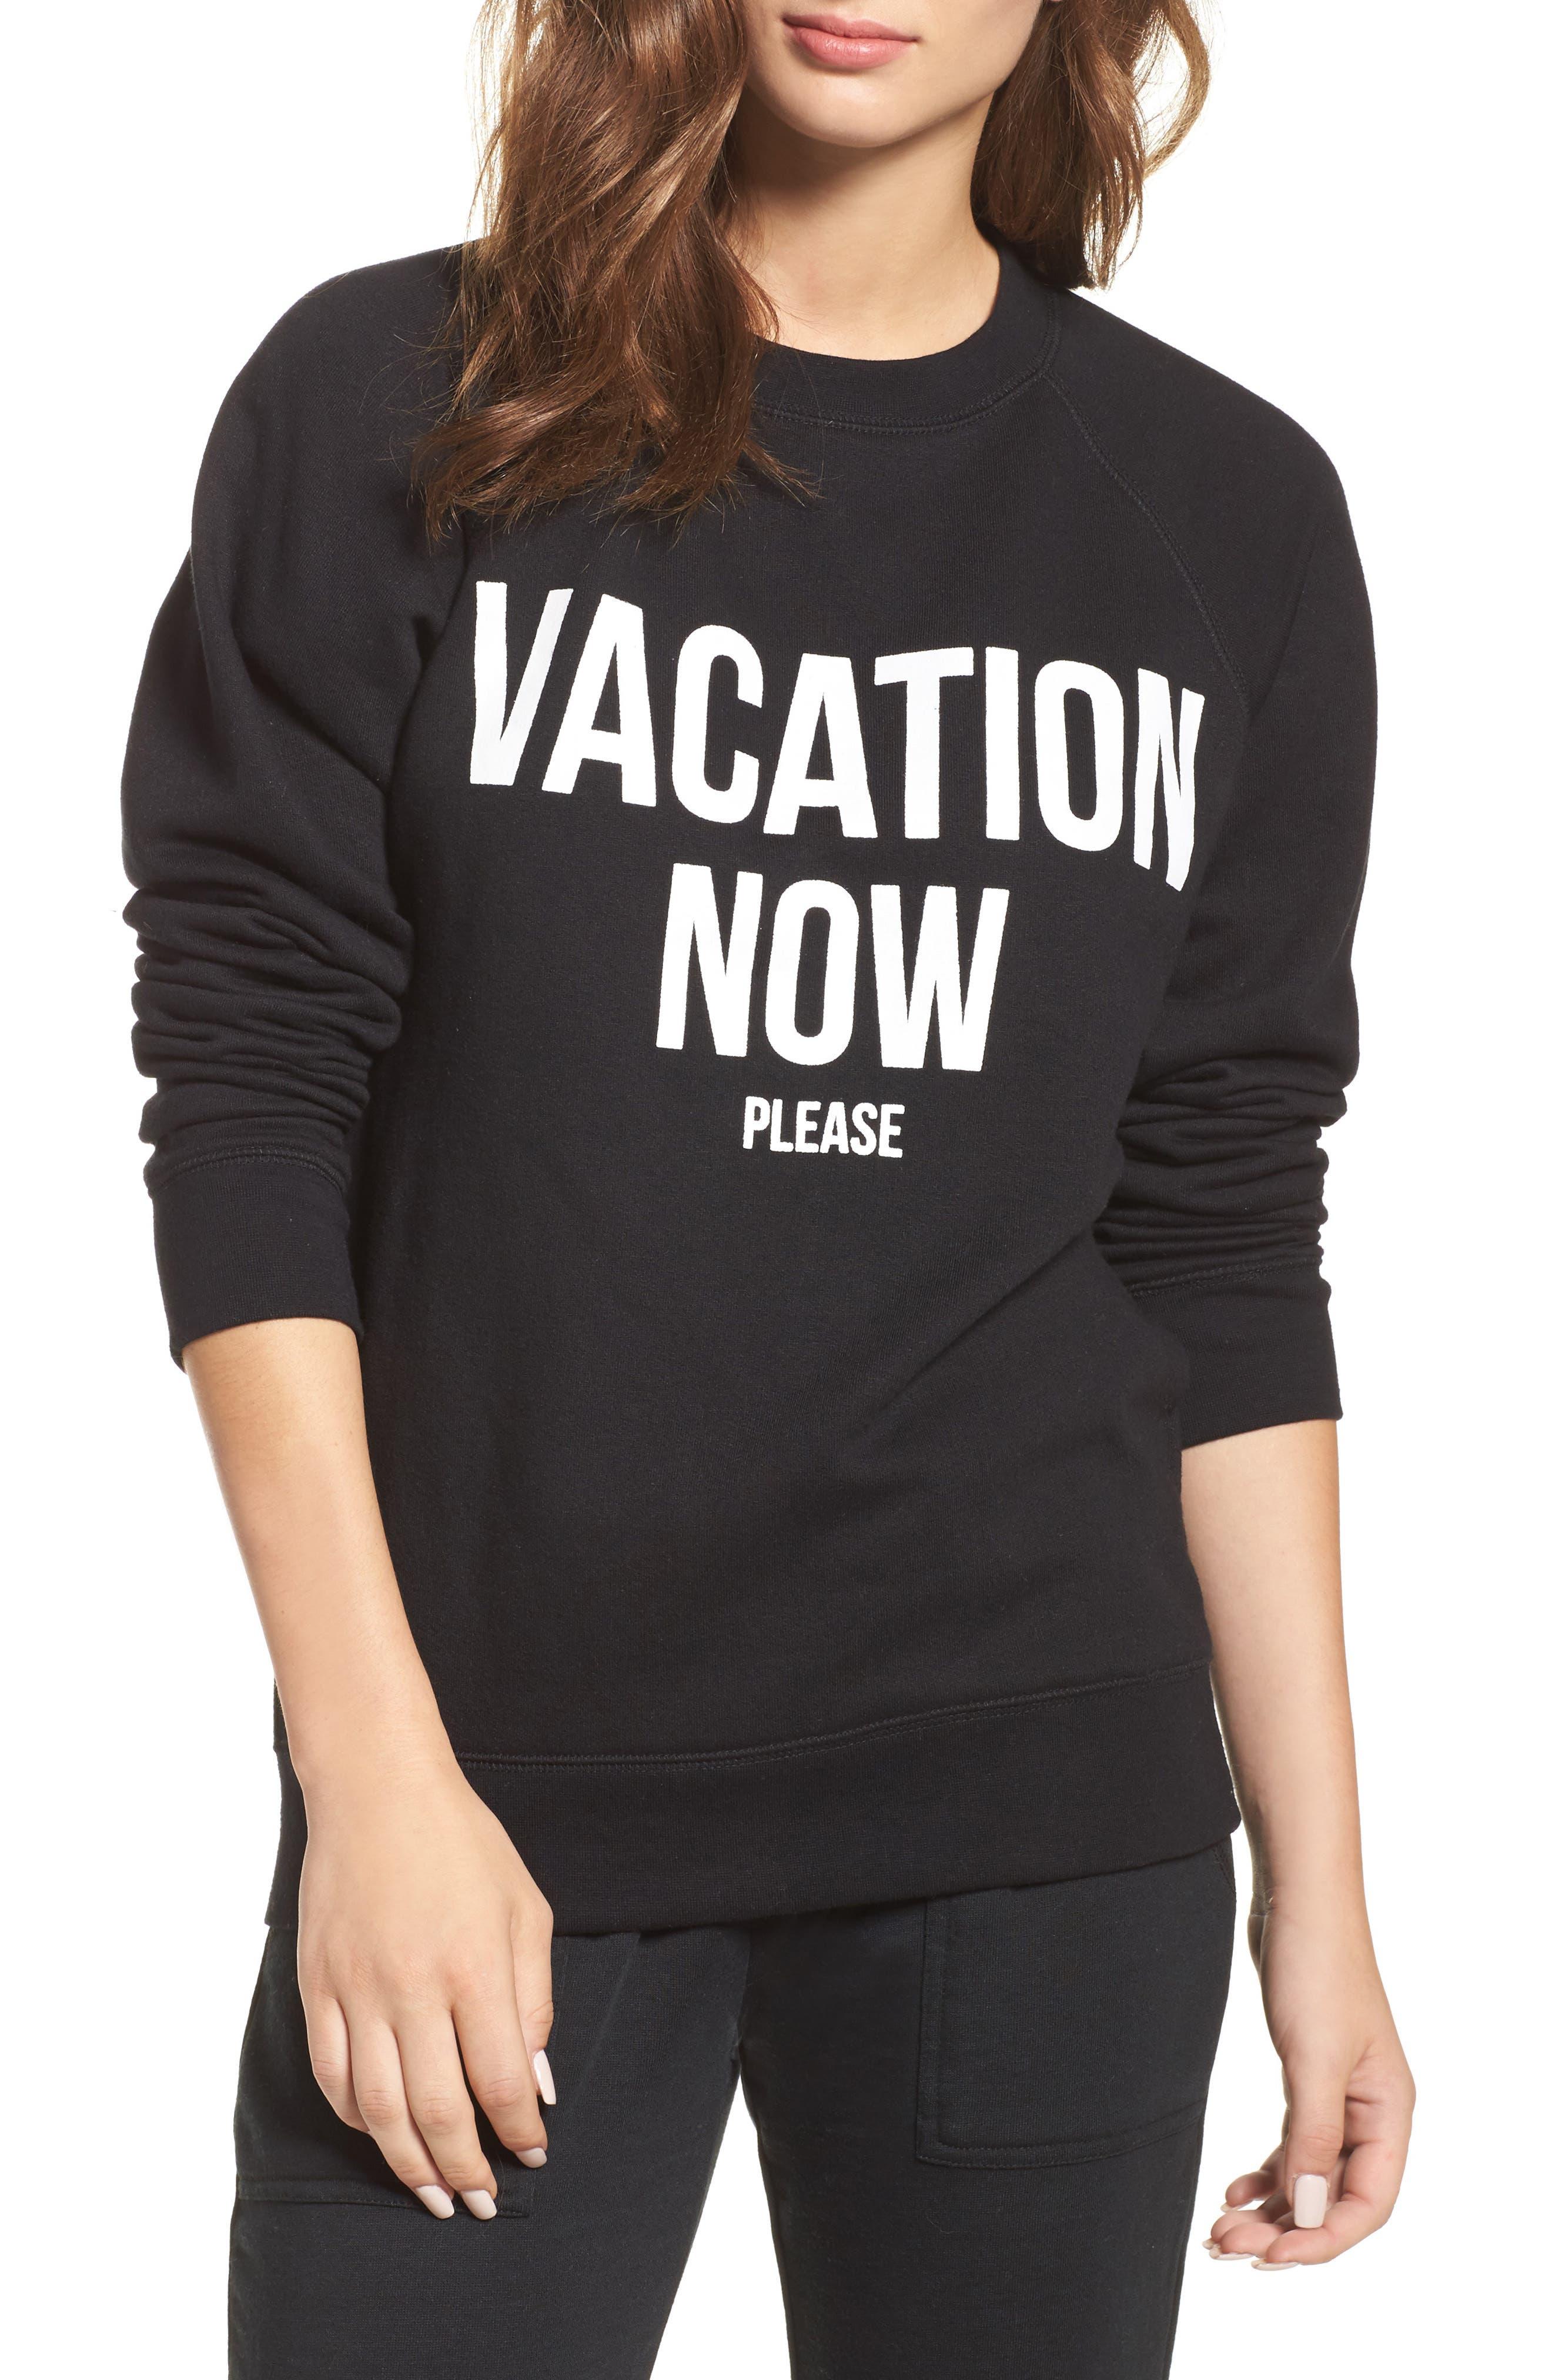 Vacation Now Sweatshirt,                         Main,                         color, Black